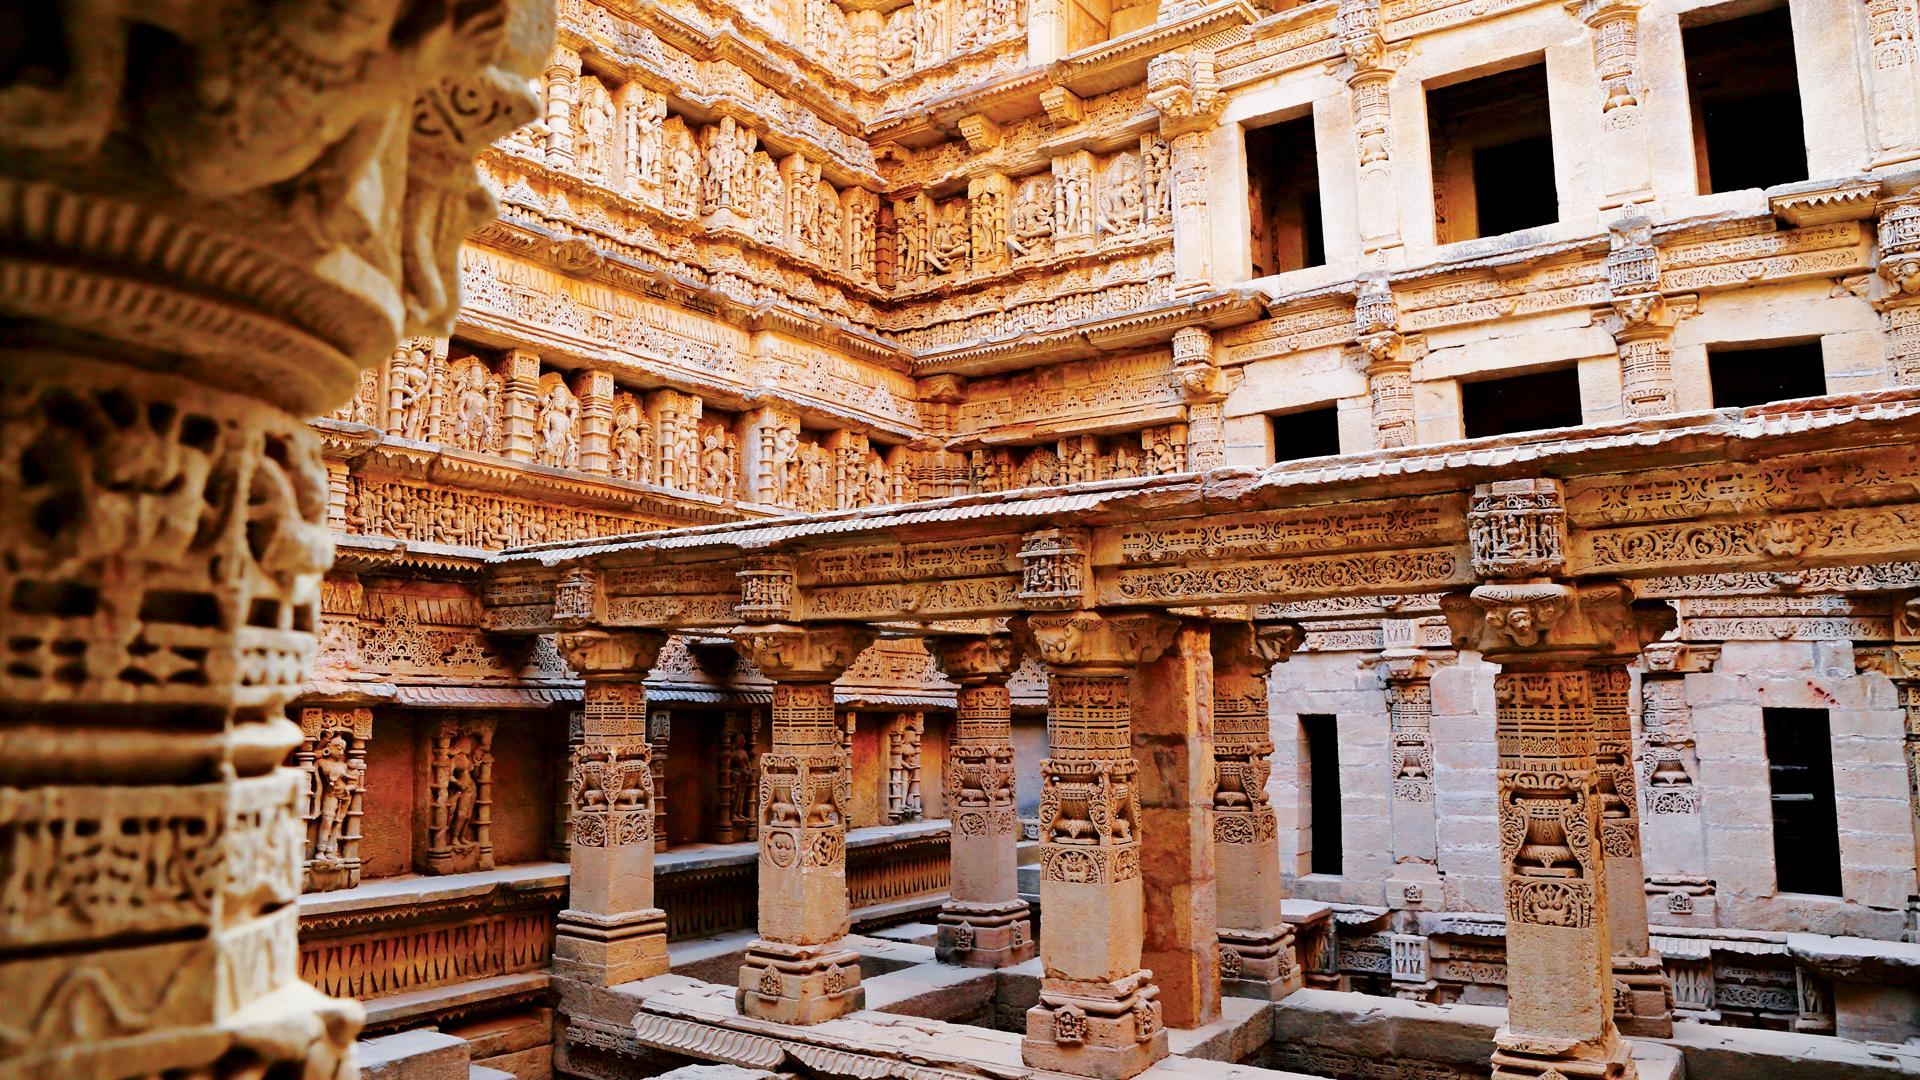 Rani-Ki-Vav stepwell in India.